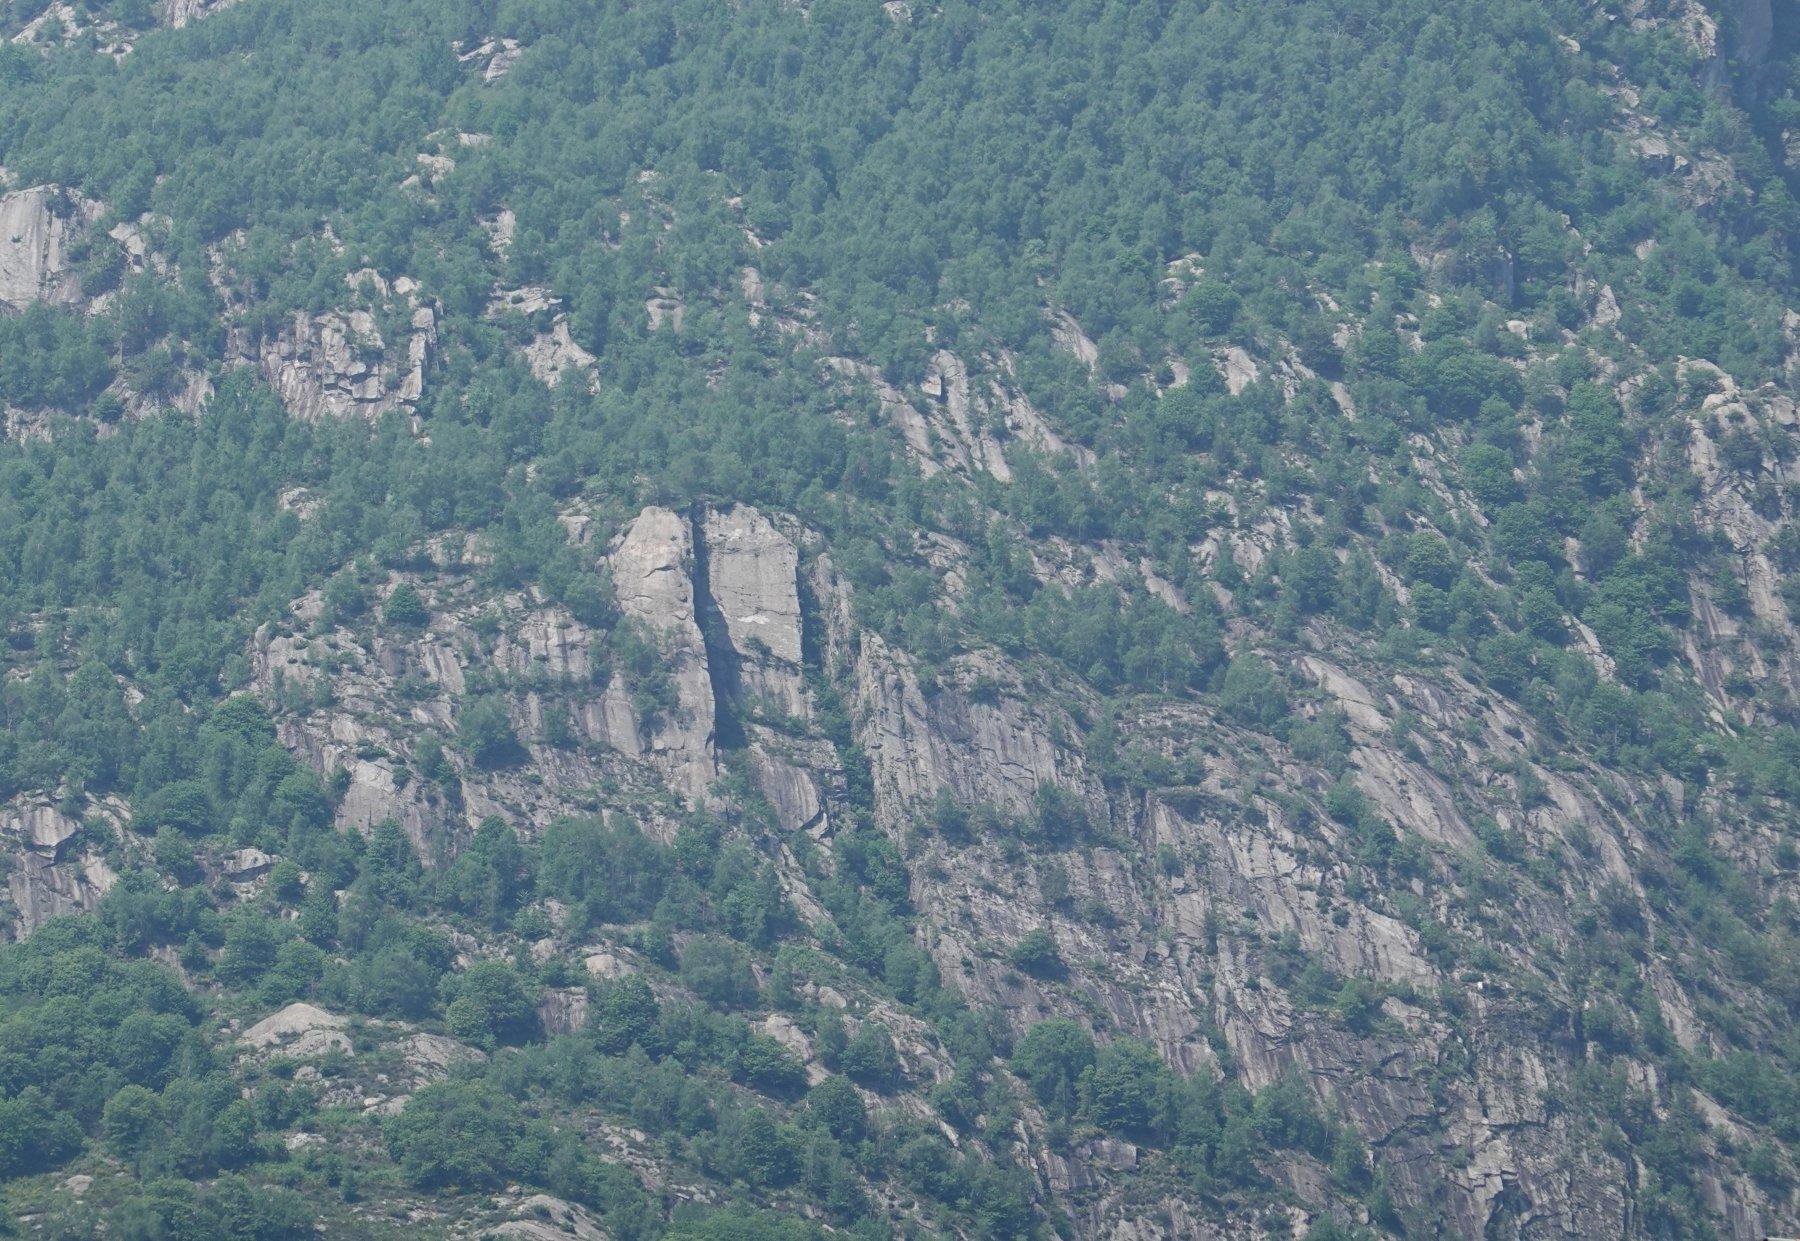 Il pilastro visto dalla valle: è la struttura al centro-sinistra della foto